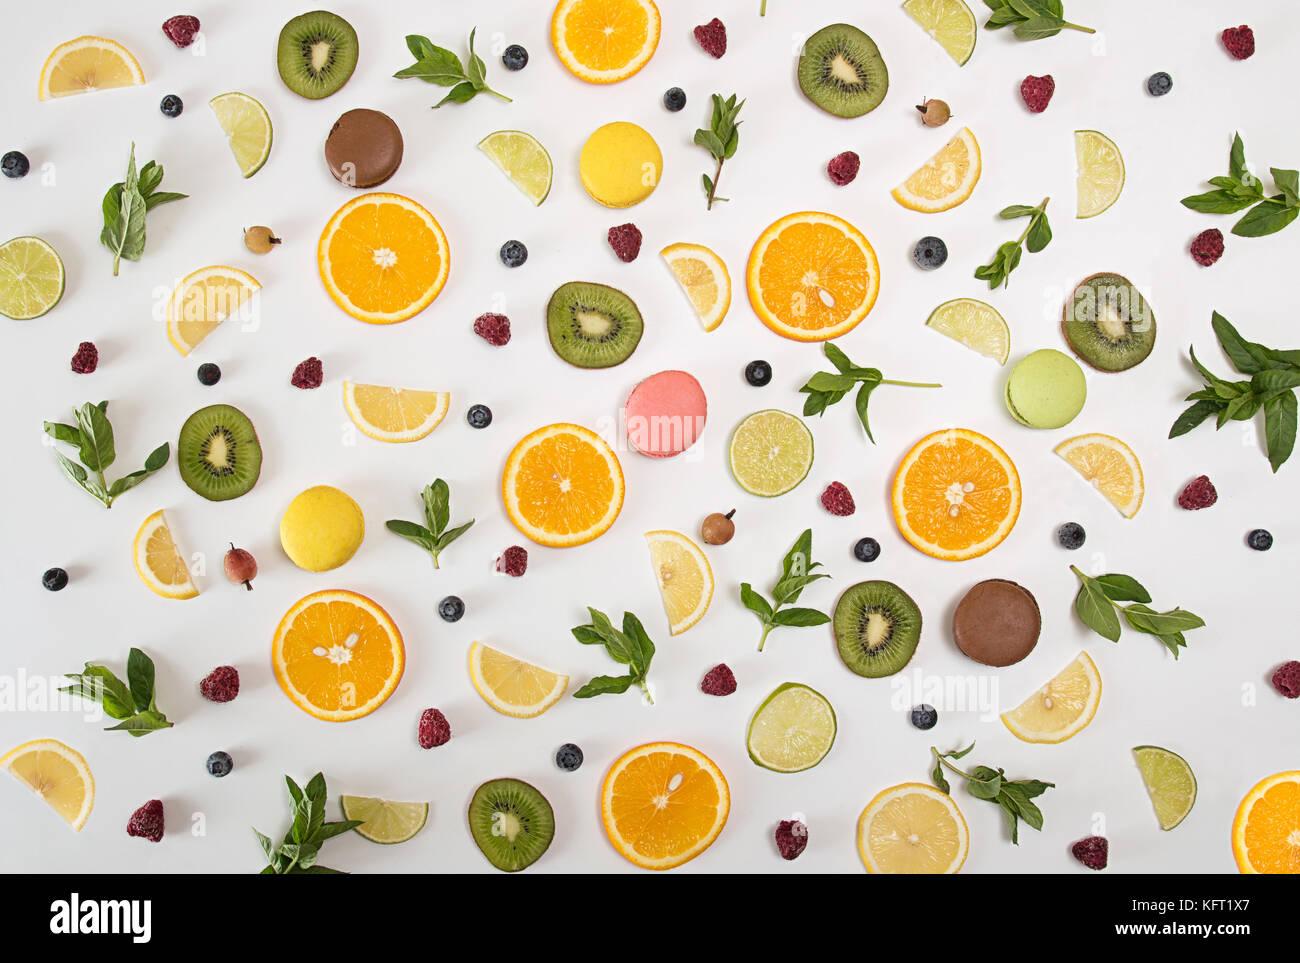 Bodegón con laicos plana macarons, bayas, menta y cítricos y otras frutas: fruta naranja; cal; limón, Imagen De Stock